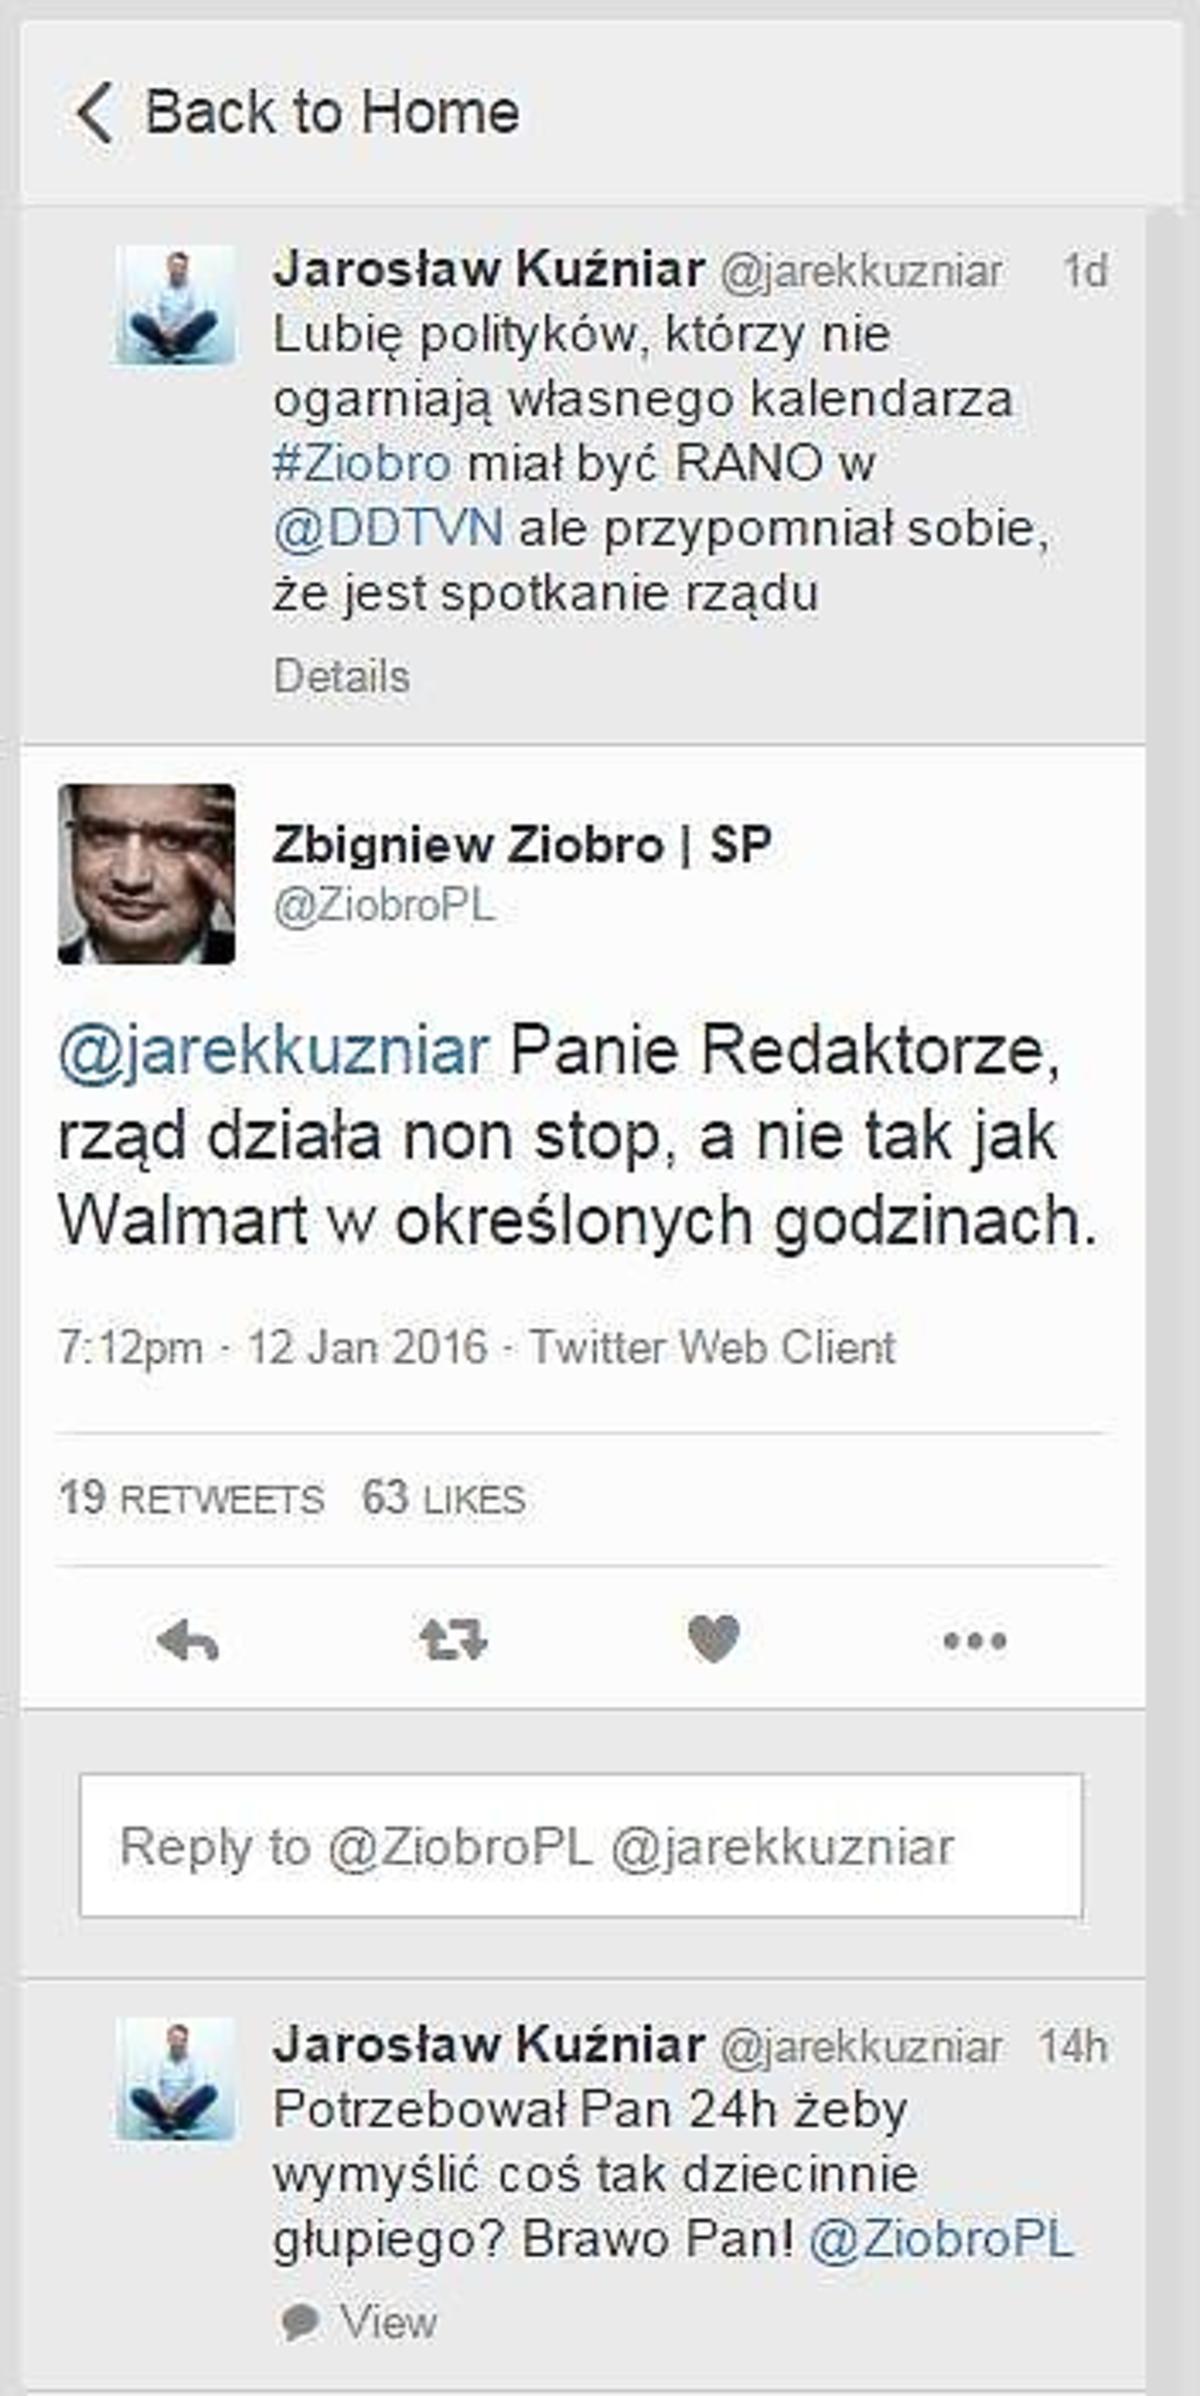 Zbigniew Ziobro, Jarosław Kuźniar